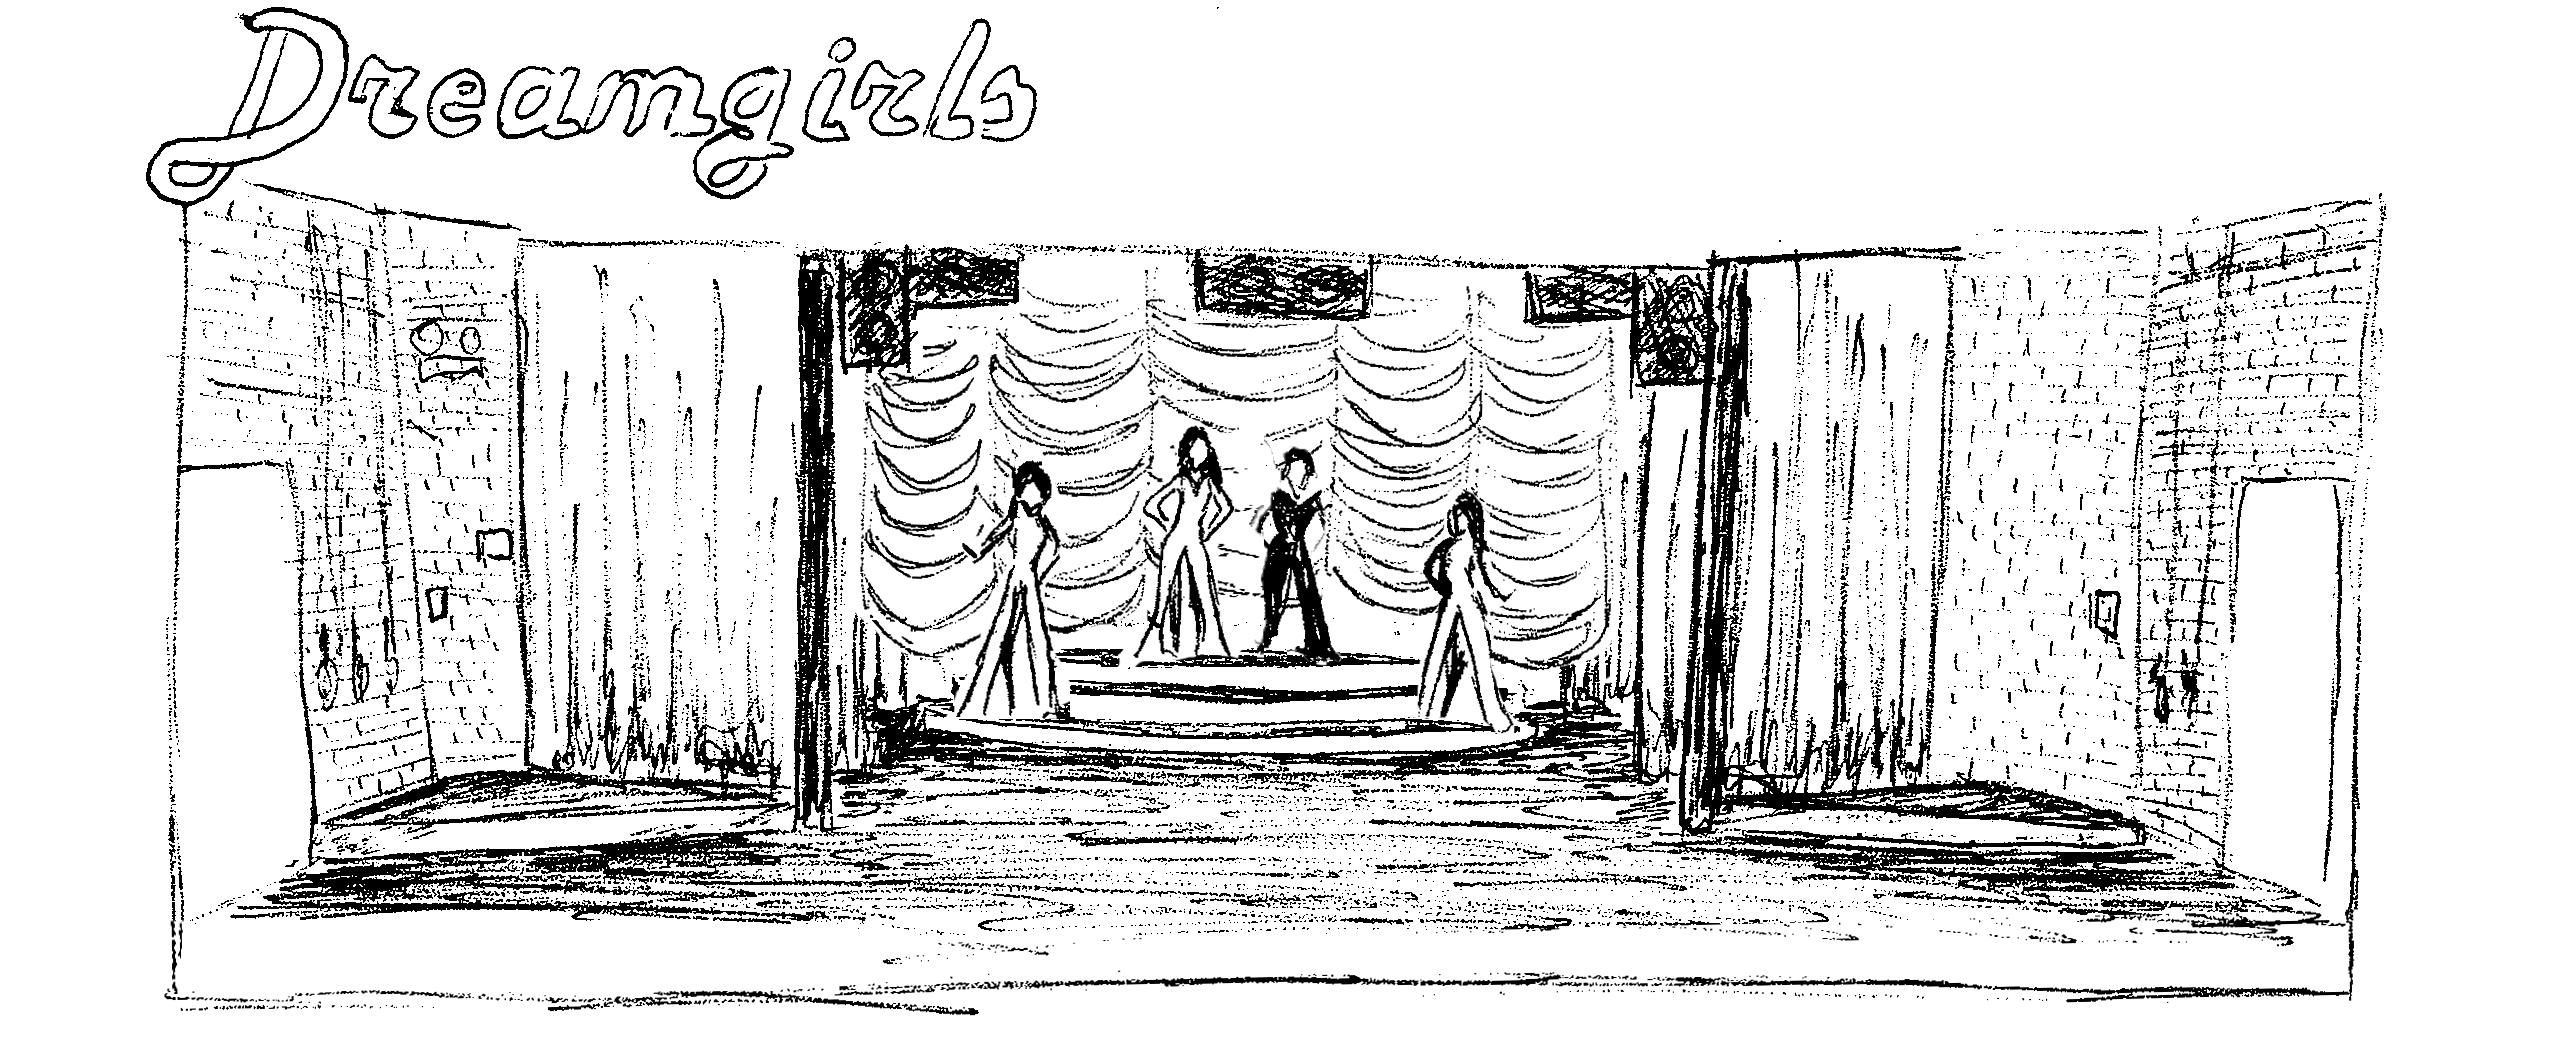 Dreamgirls Paperwork